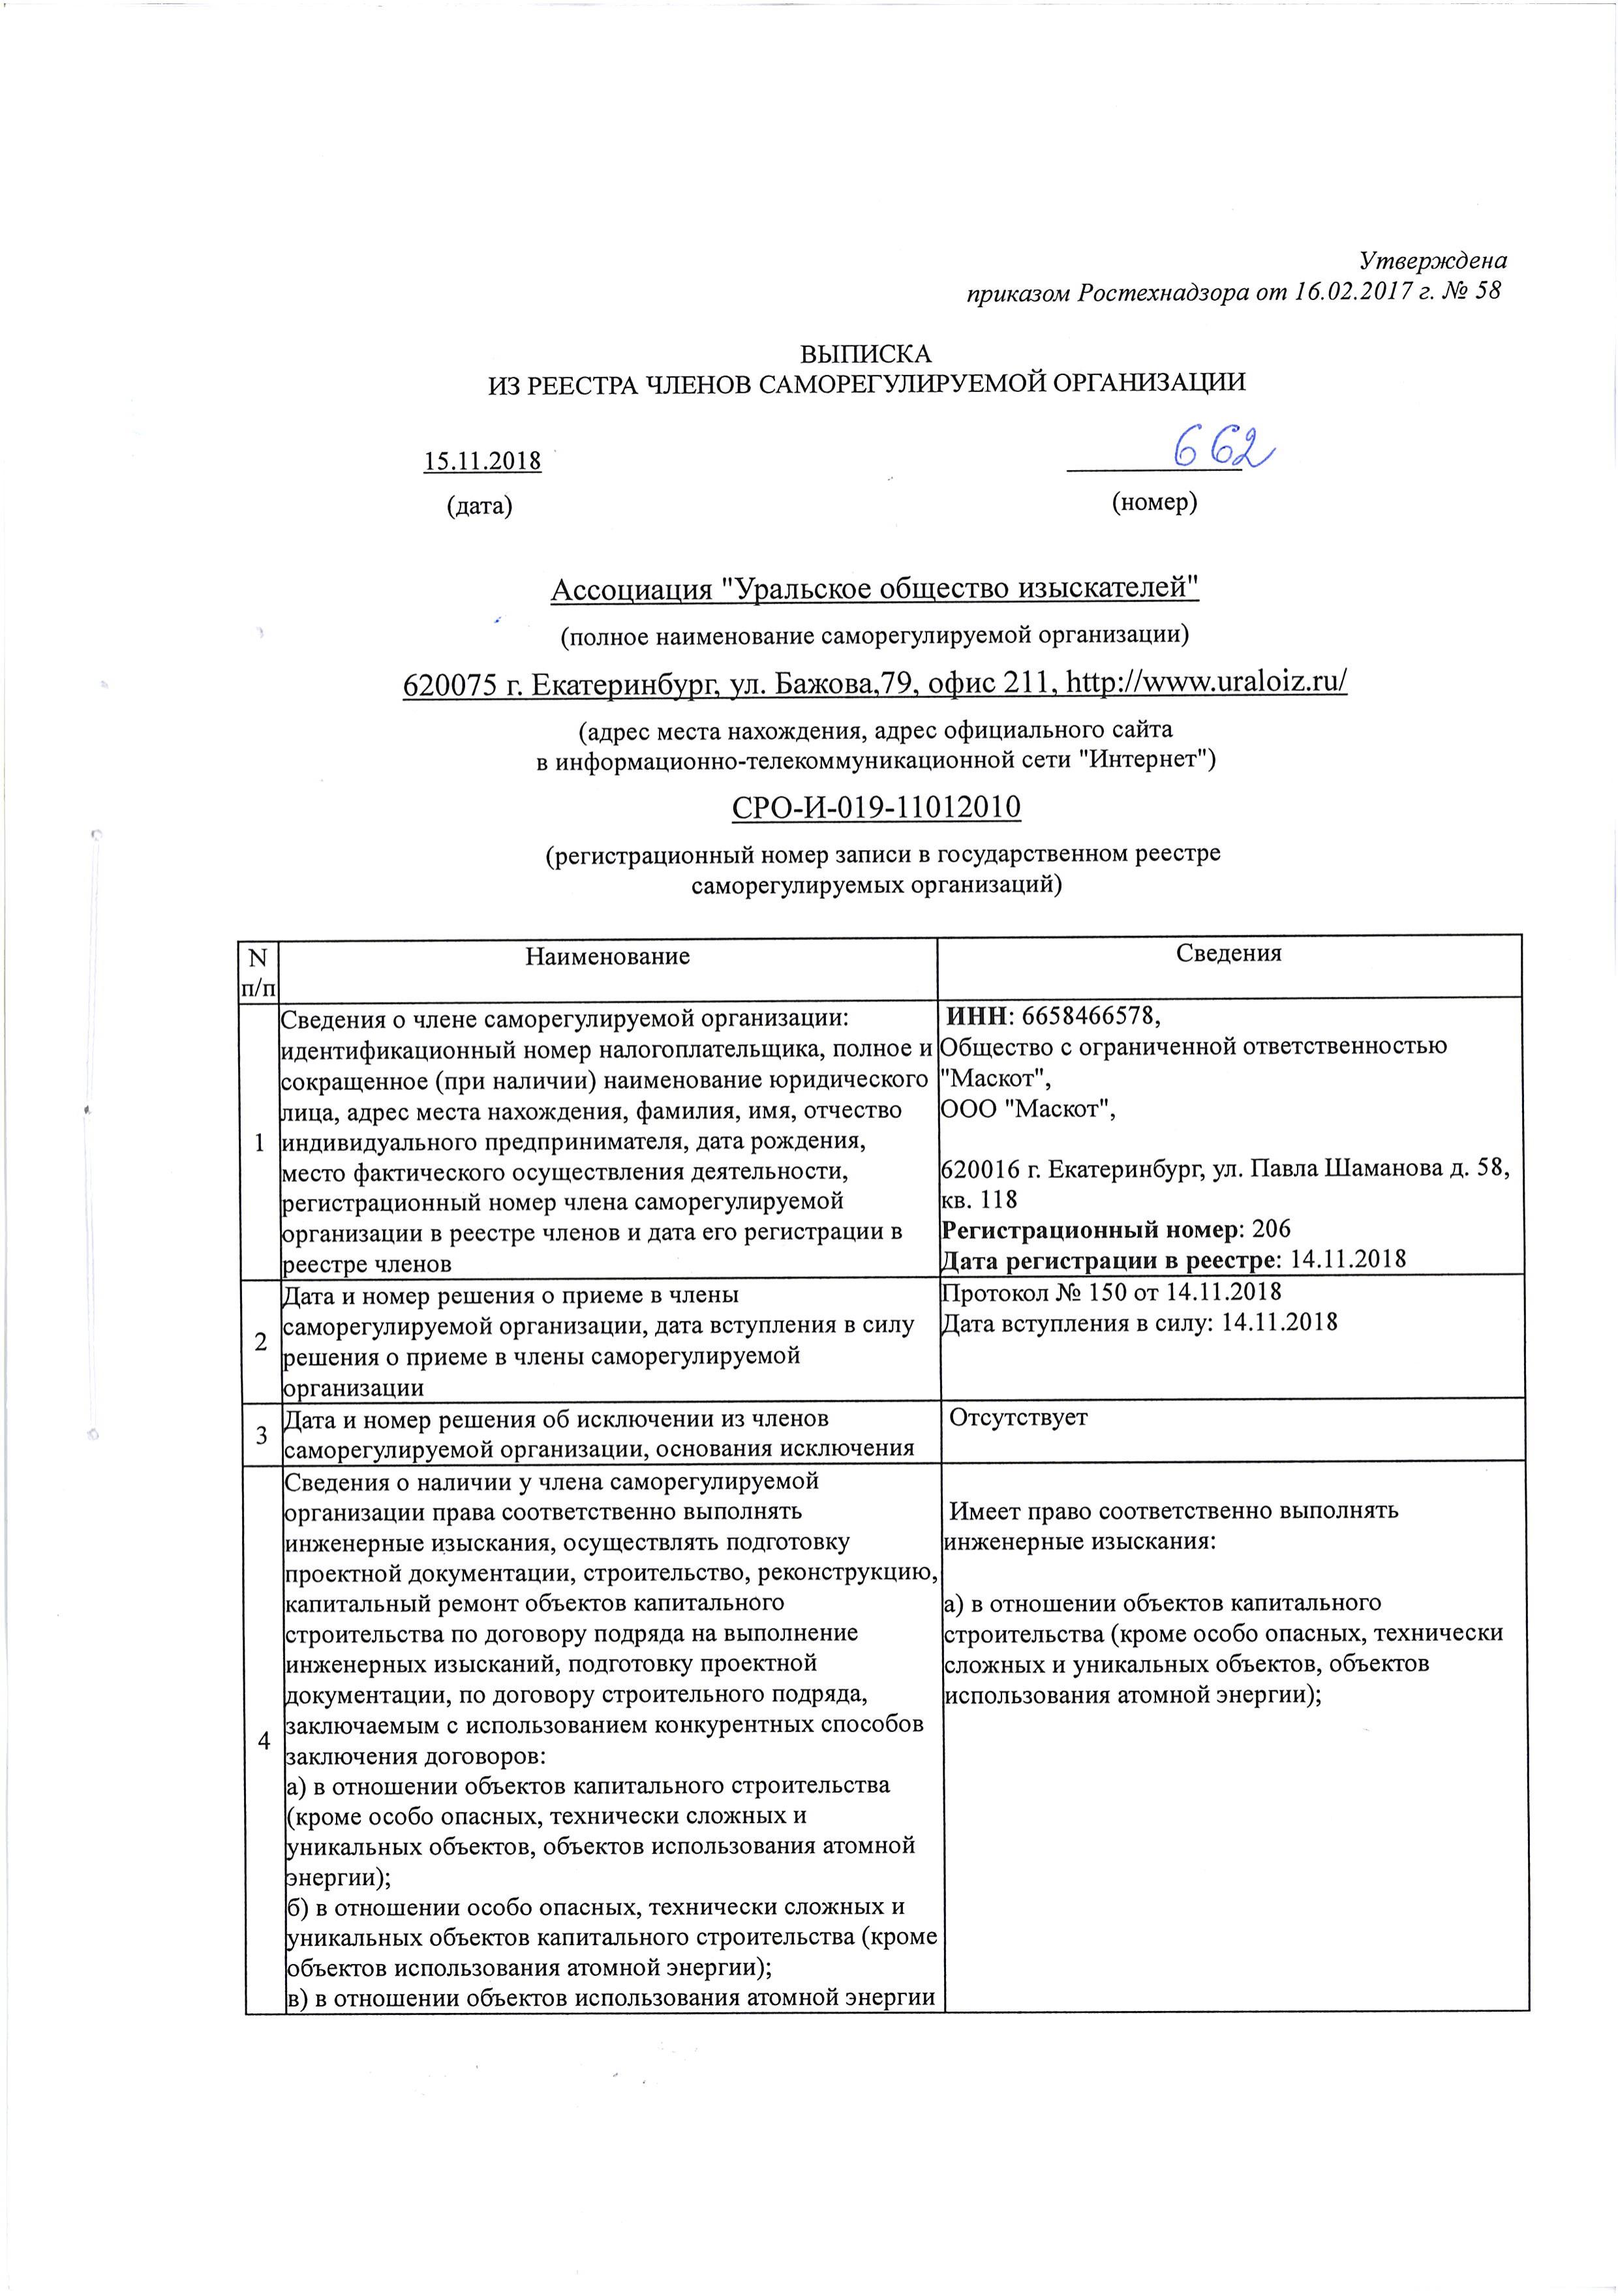 Выписка УралОИЗ_1